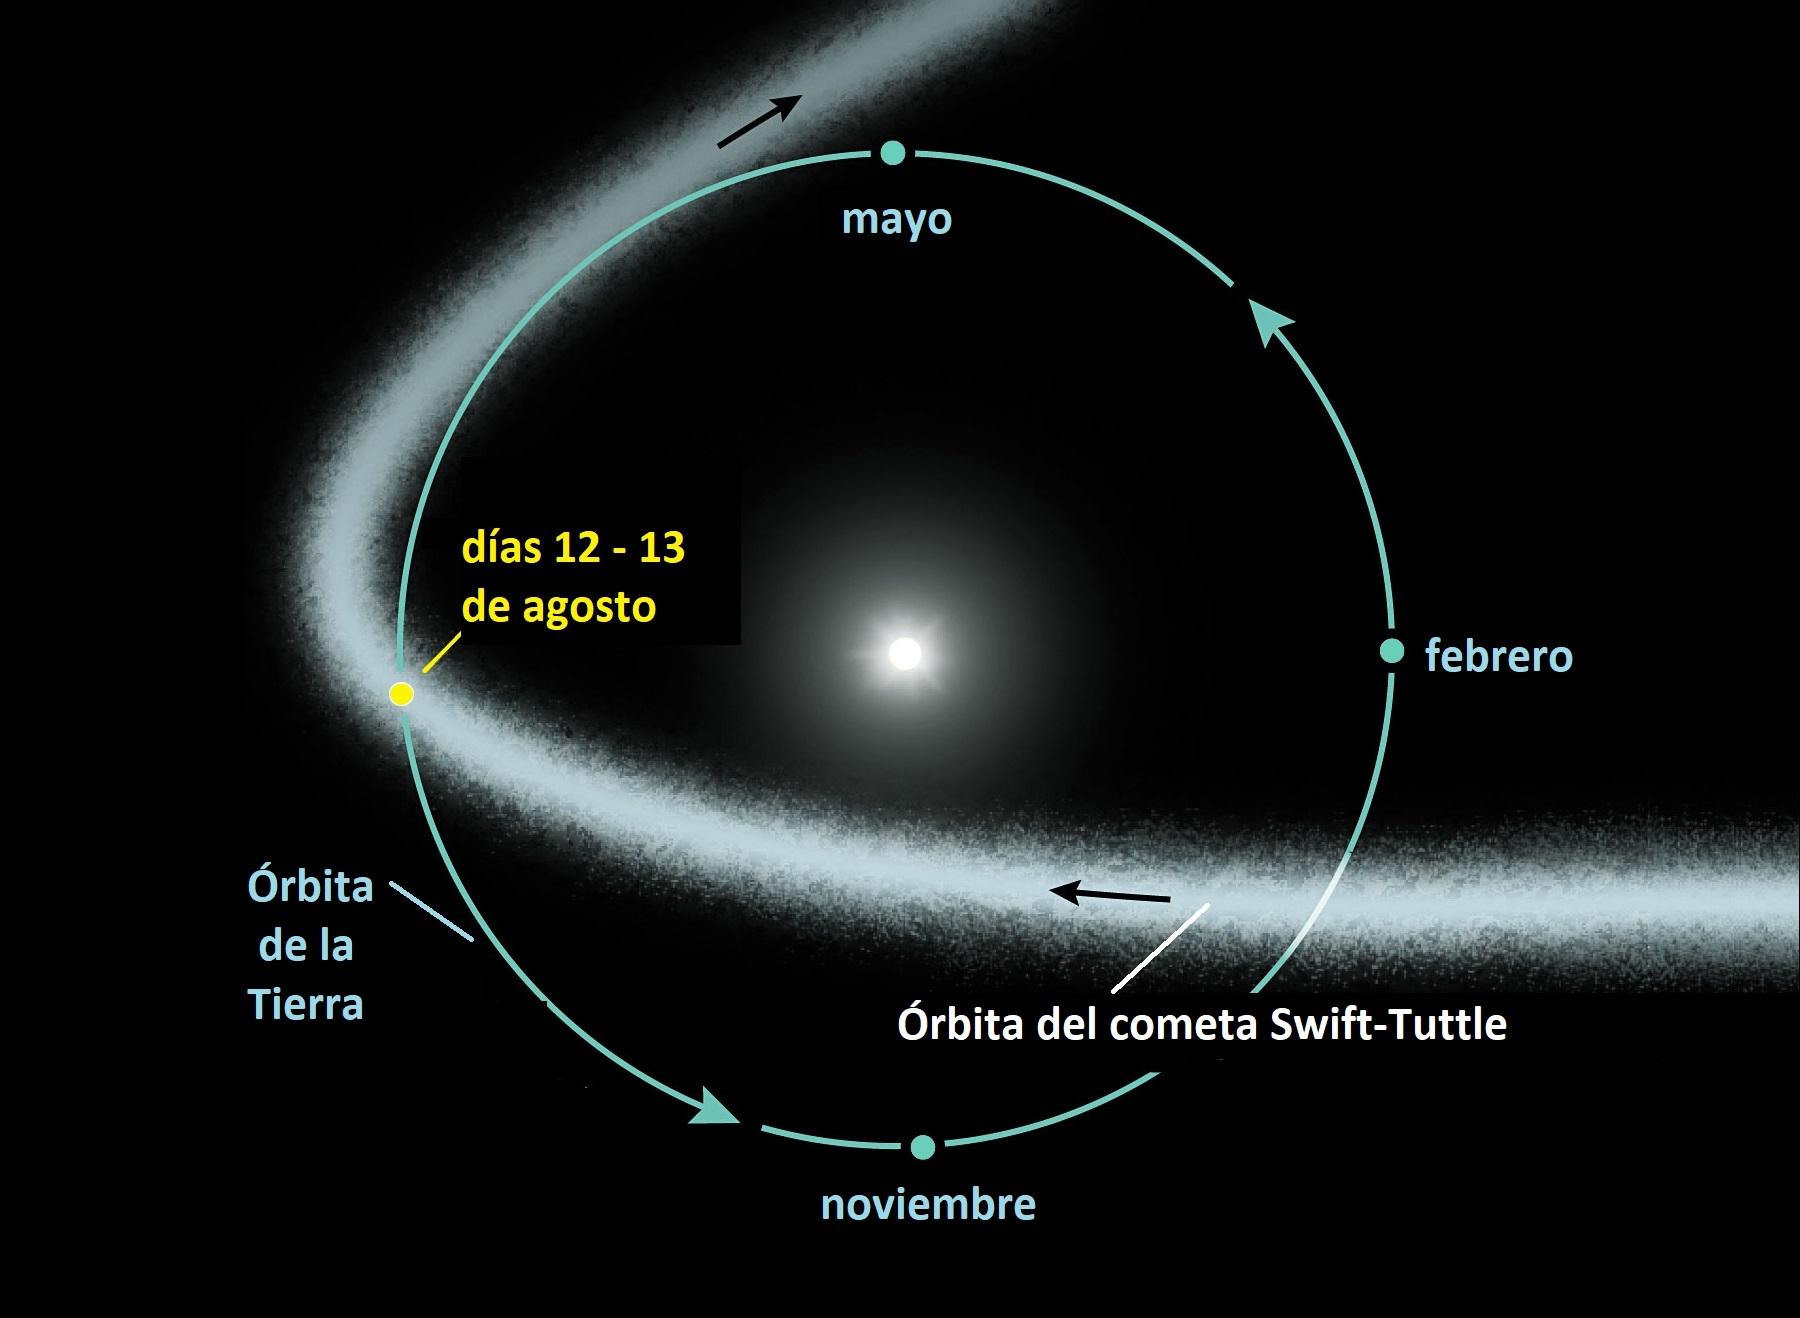 Las Perseidas se producen cuando la Tierra llega al reguero dejado por el Swift-Tuttle